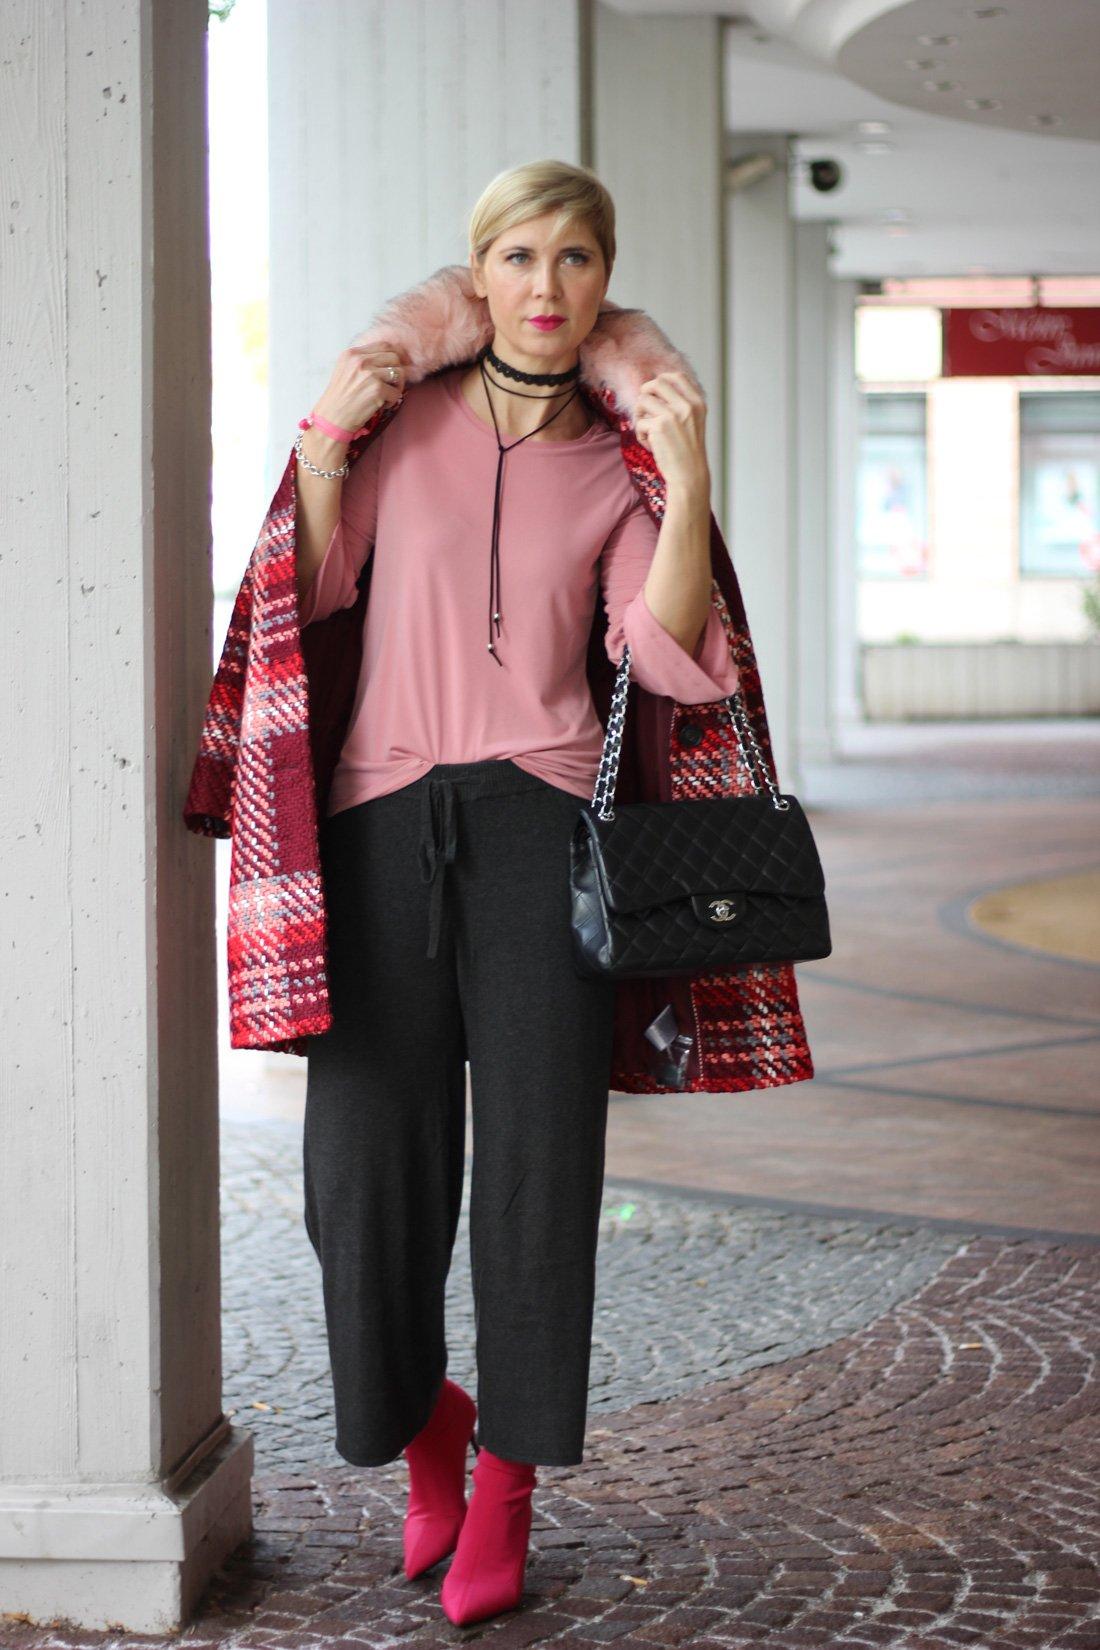 Herbstlook mit WENZ, kräftige Farben, Mantel, Fake fur Kragen, Rottöne, Strickculotte, Shirt, Conny Doll, Herbst2017